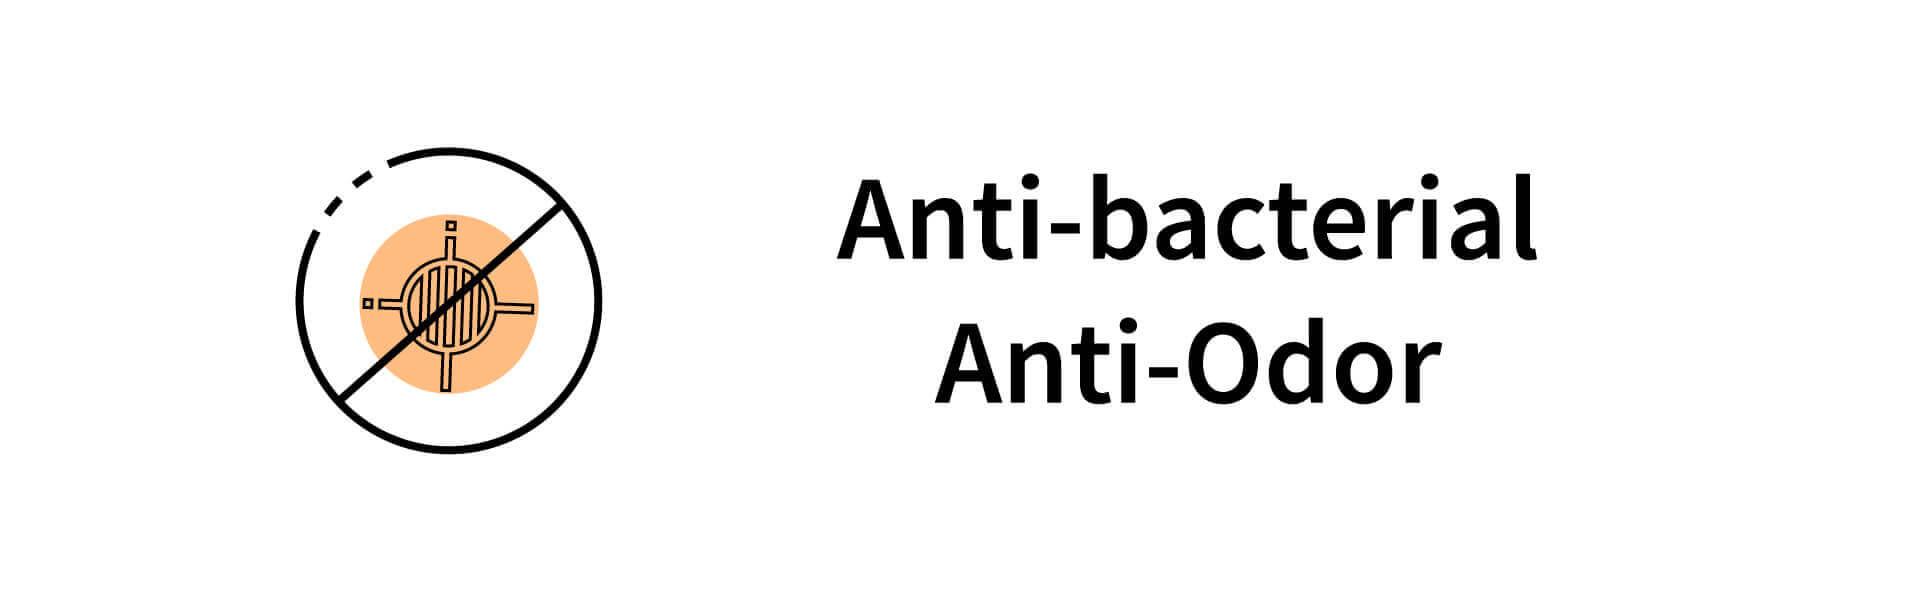 antimicrobial-anti-bacterial-anti-odor